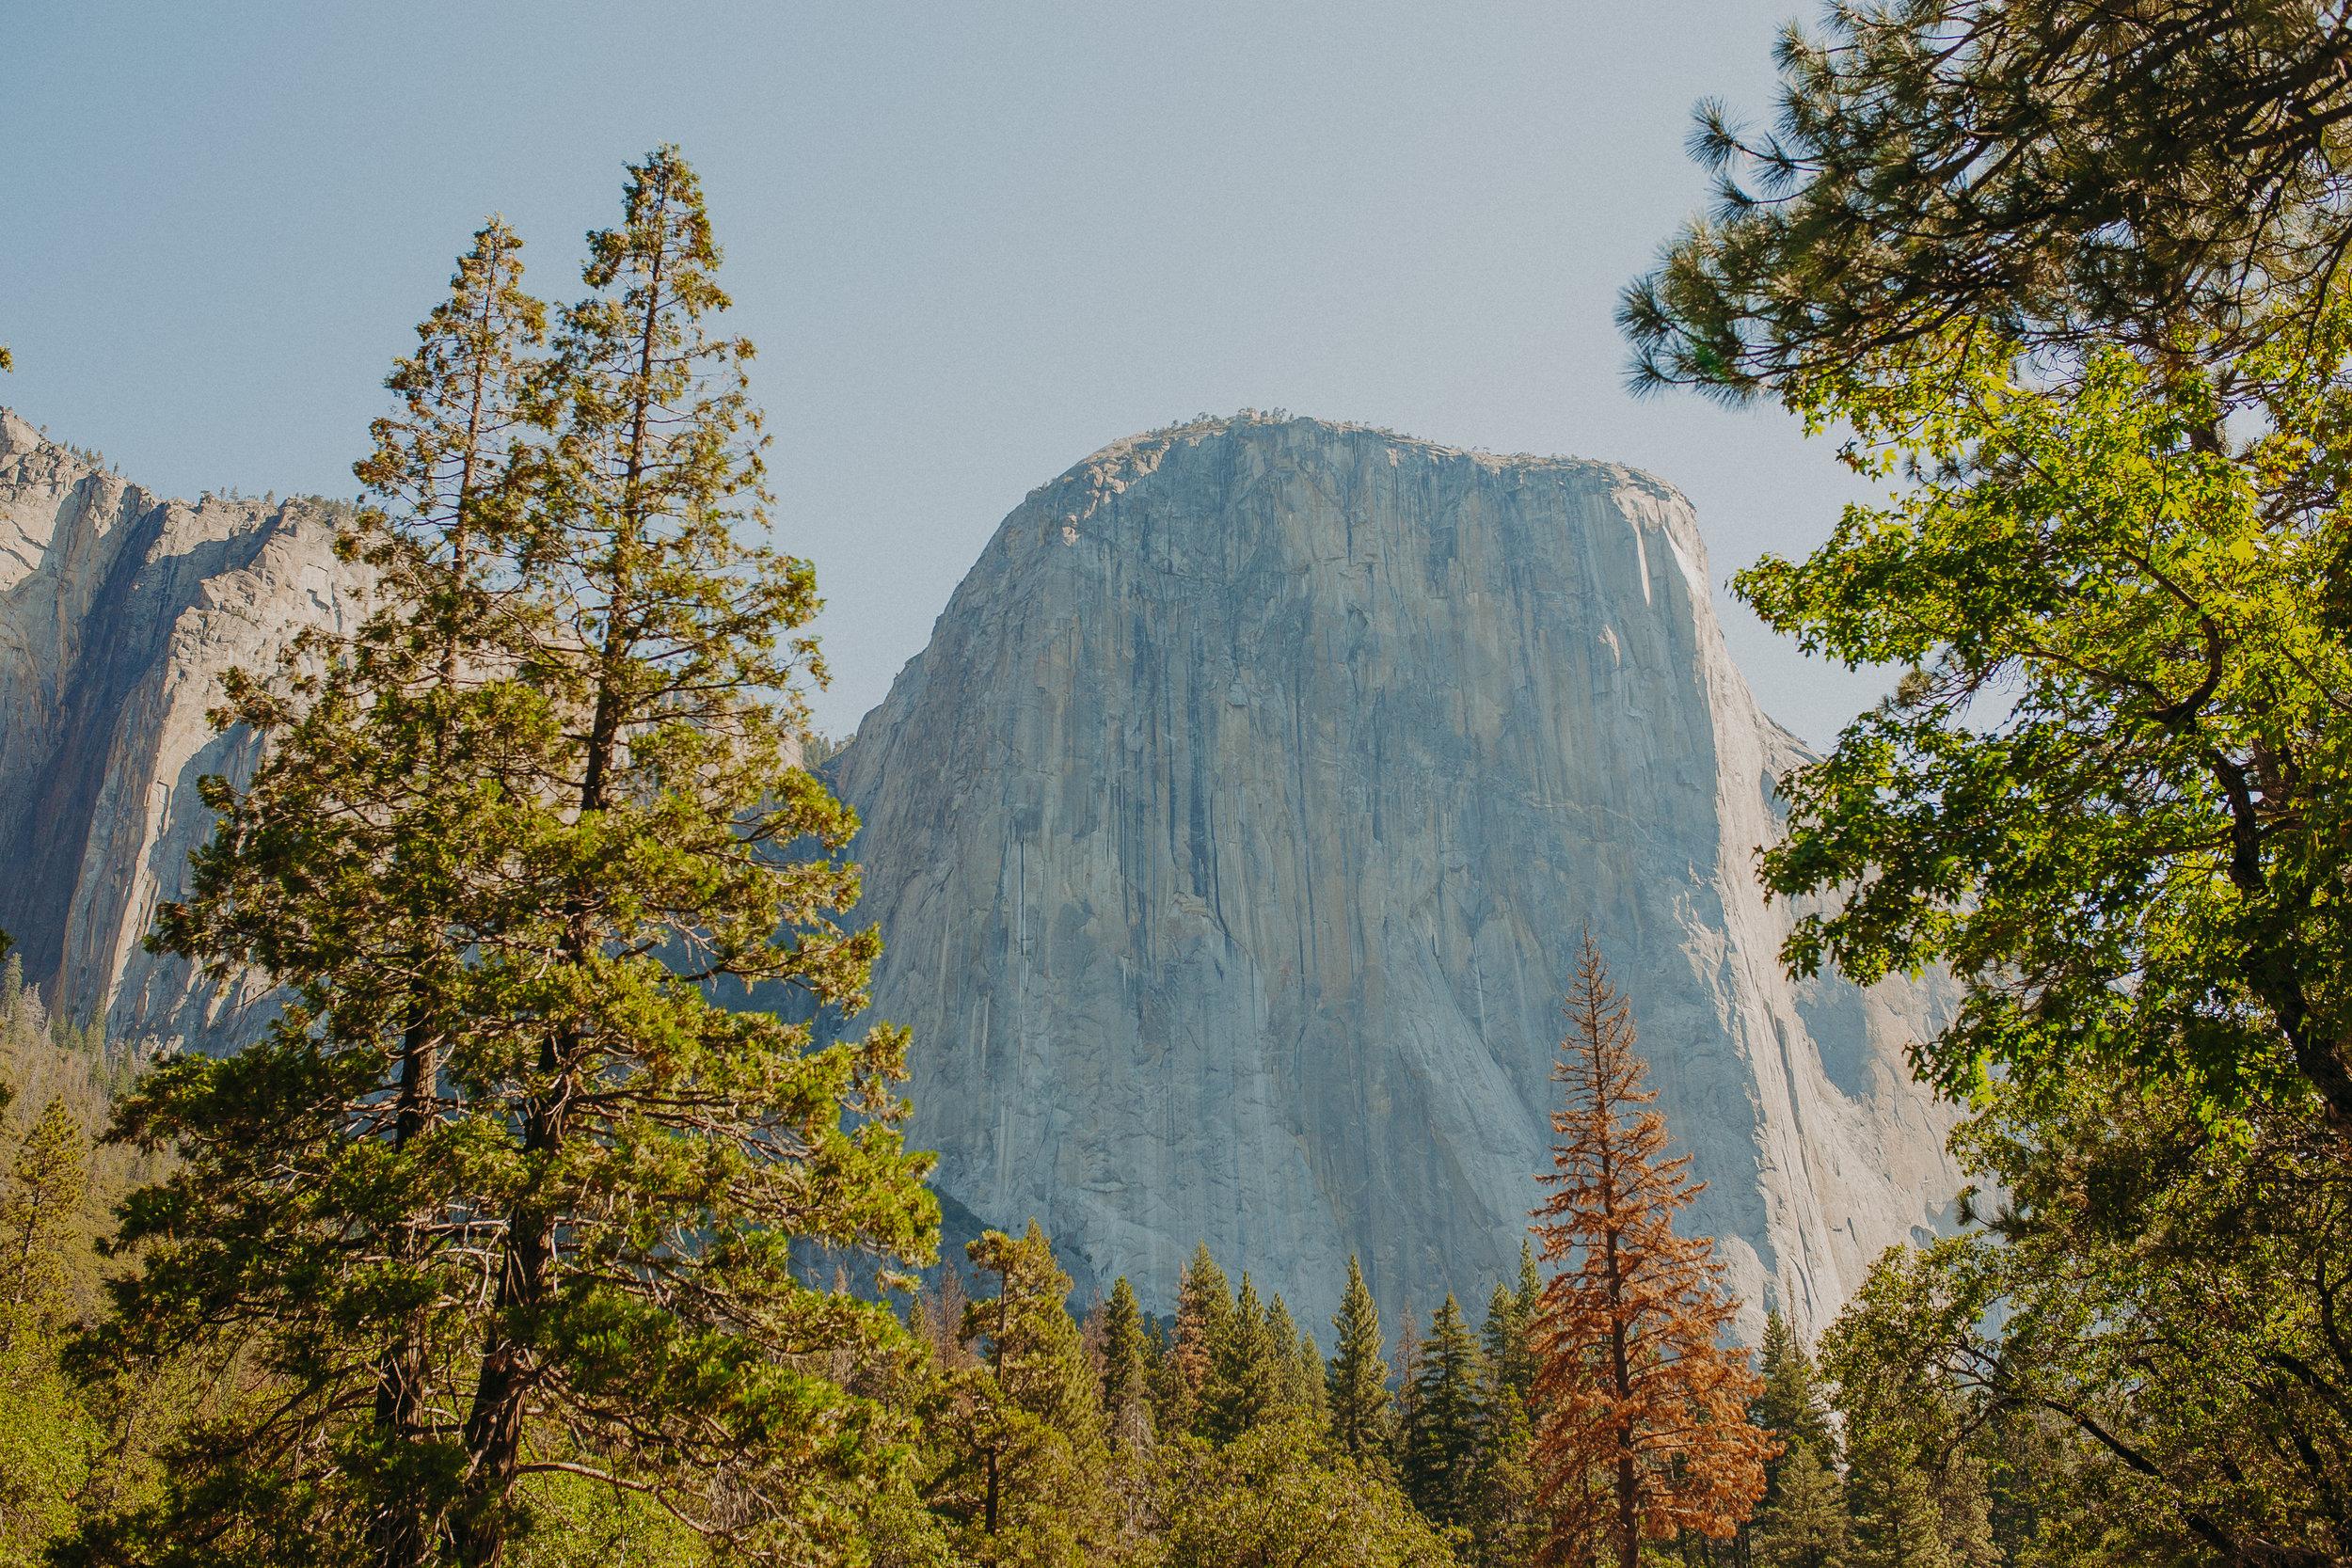 Visit-Yosemite-National-Park-Pictures-California.jpg